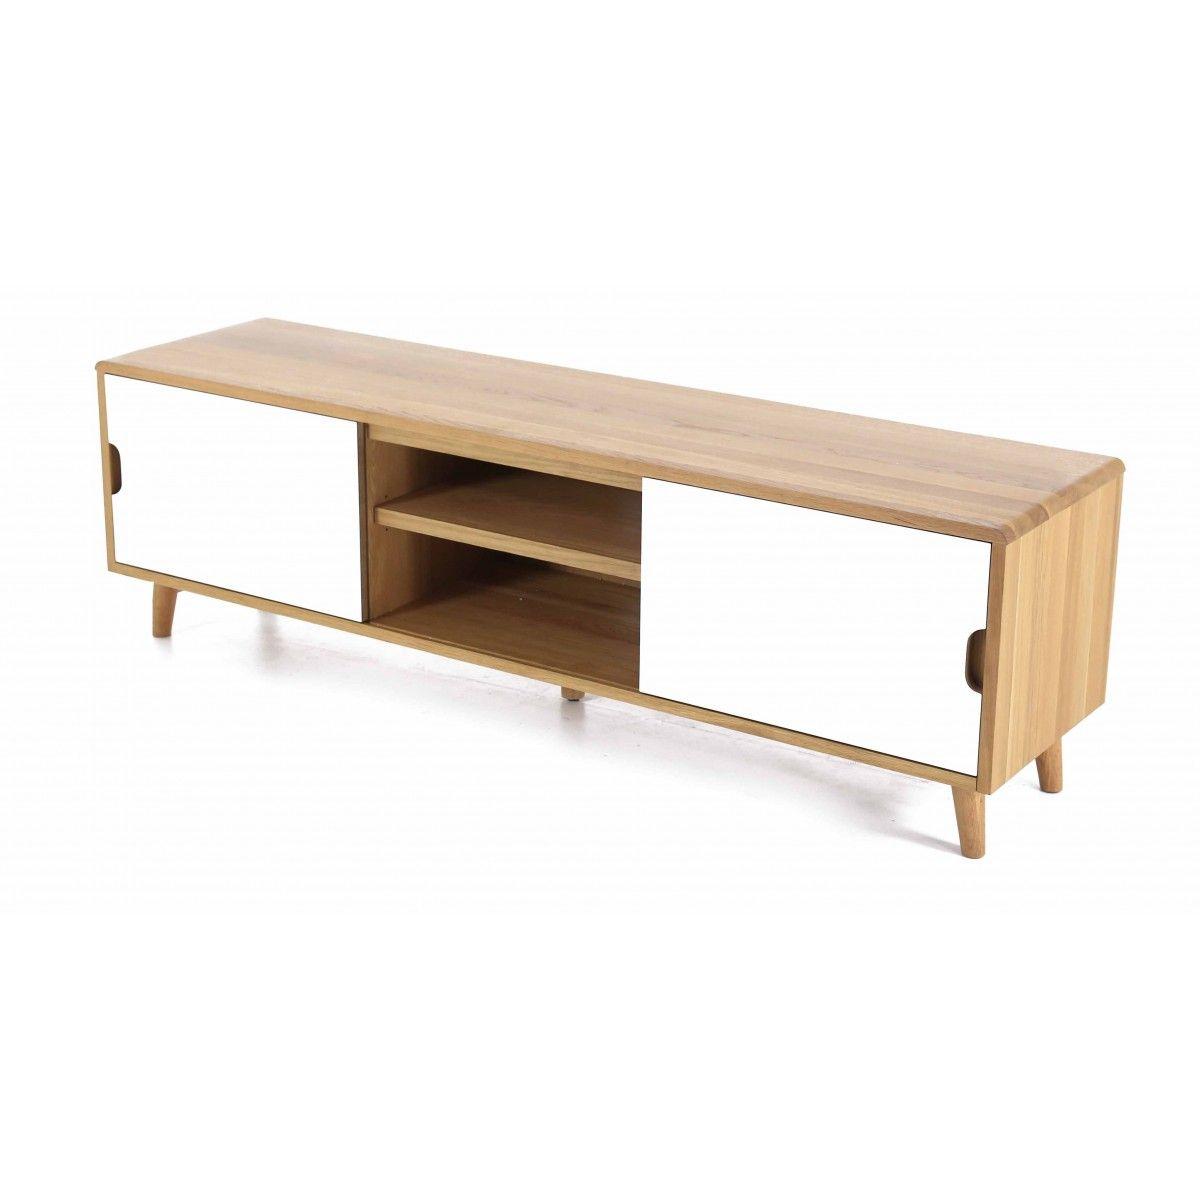 5e8e68440aea8944b96919ea38dfe69c Jpg 1200 1200 Table Cabinet  # Meuble Tv Chene Blanc Scandinave